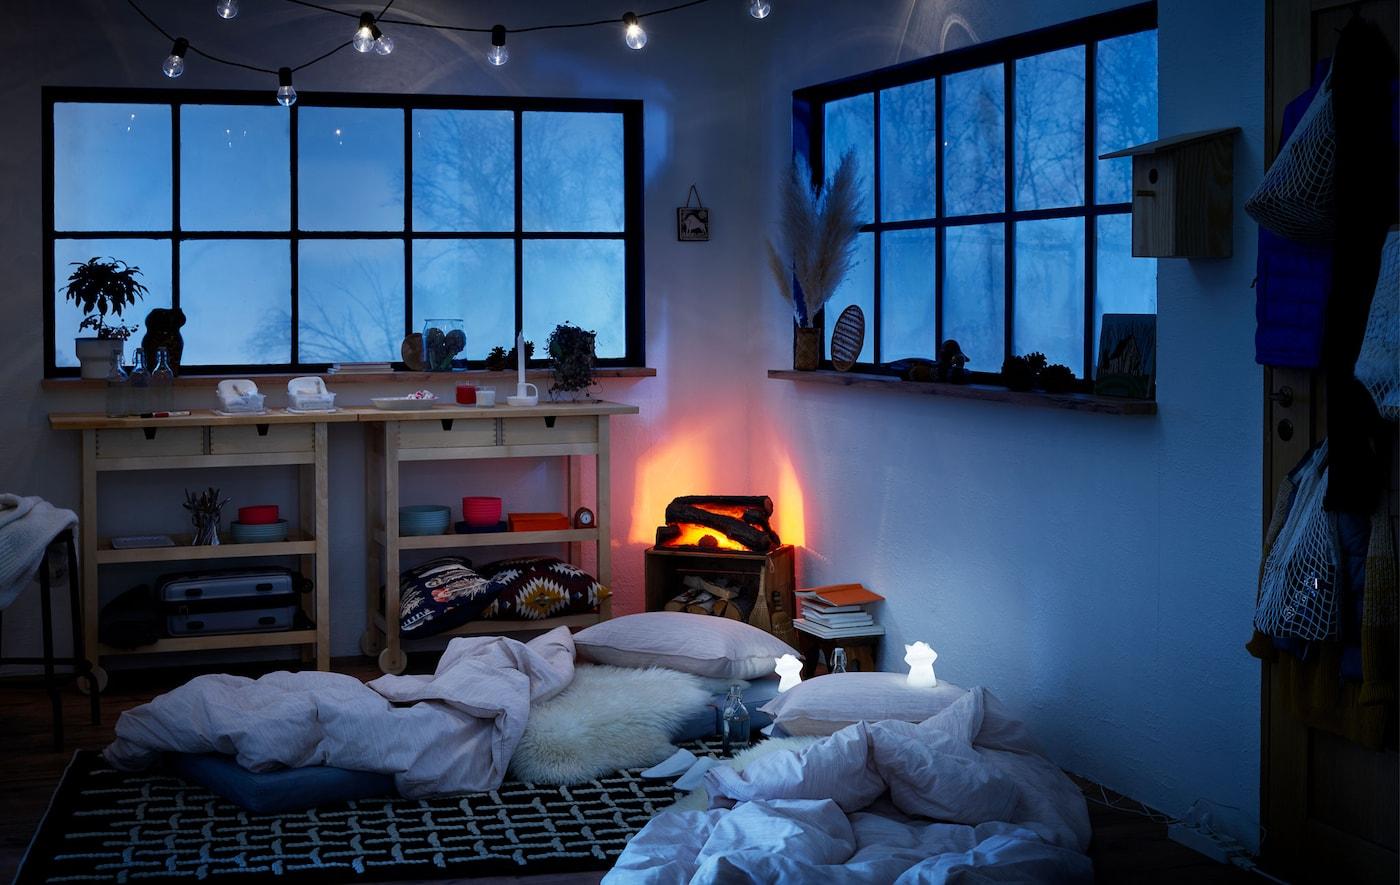 Interior estilo cabana de madeira invernosa, com colchões no chão a servir de cama temporária, e luzes de presença LED junto às camas.